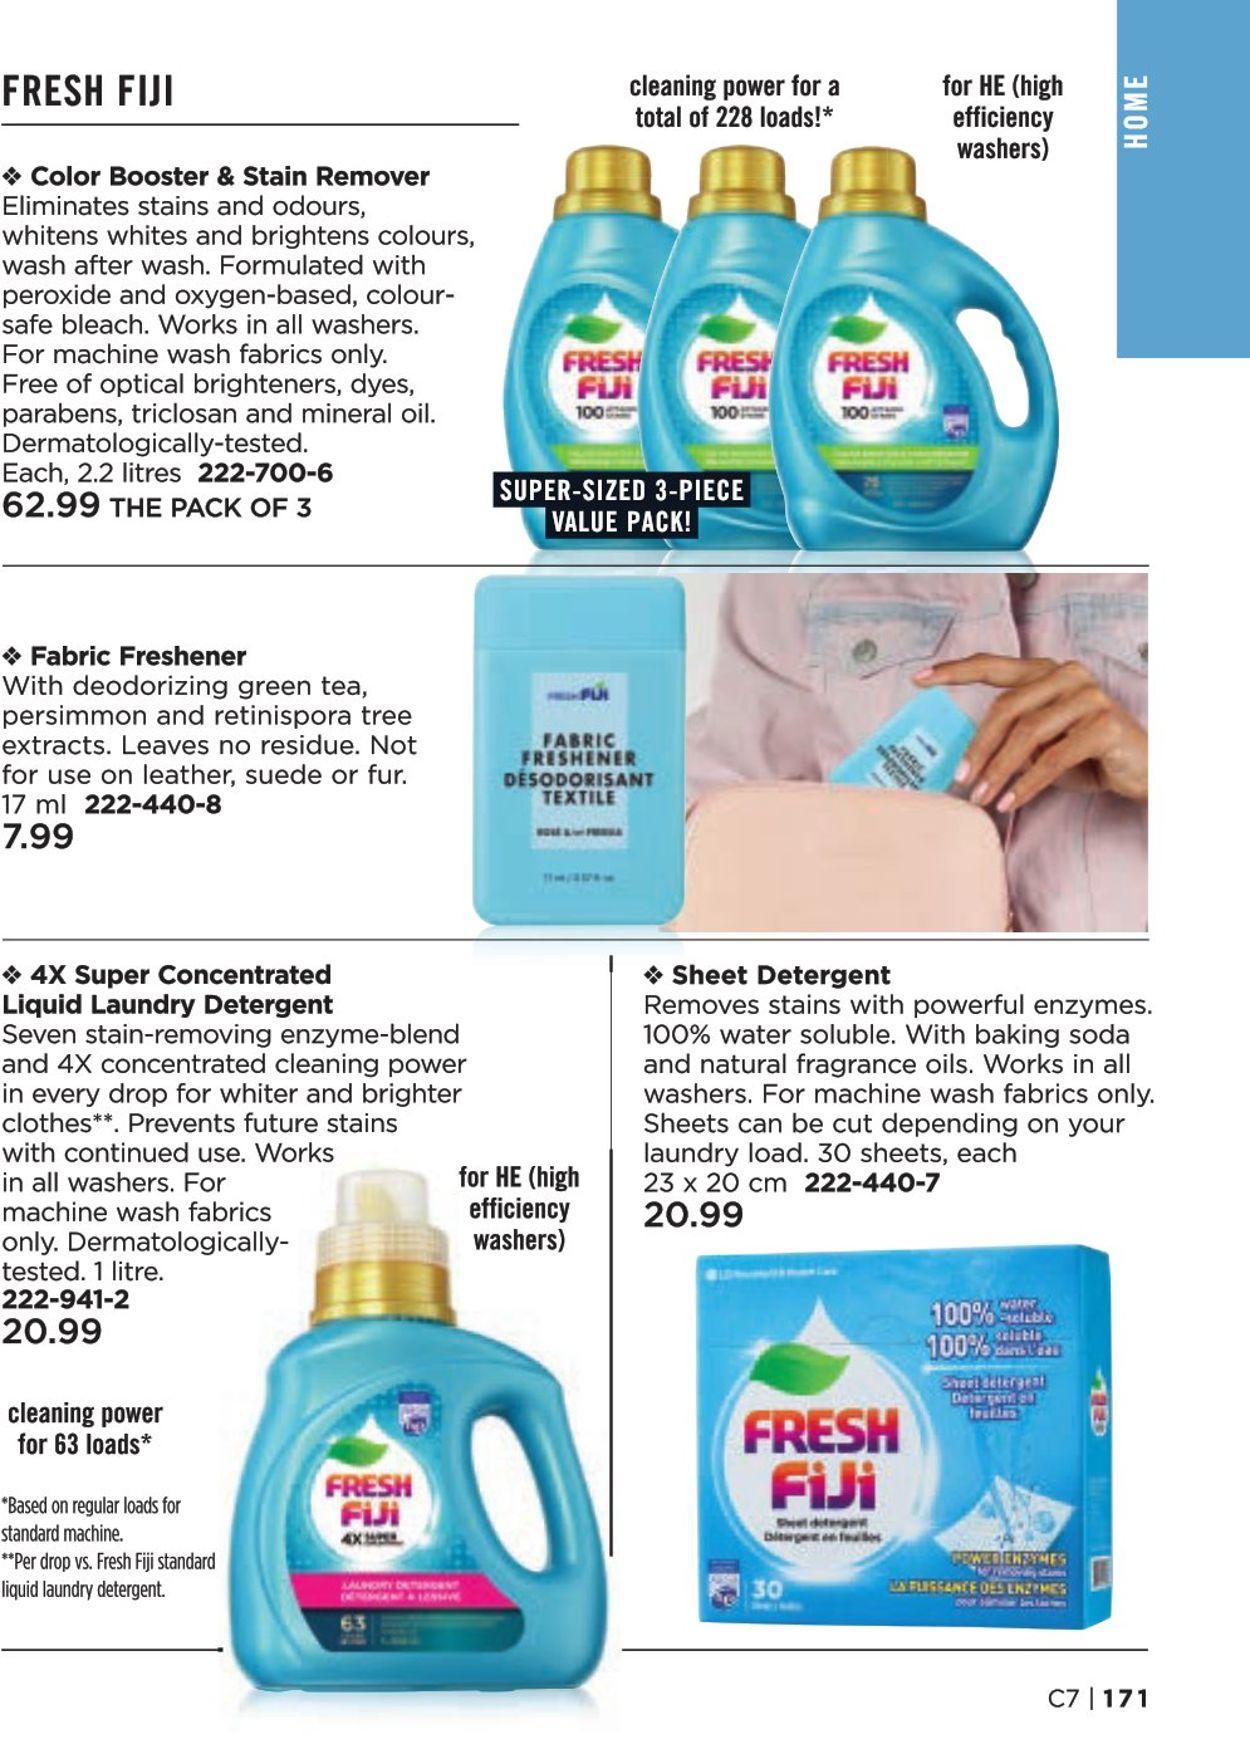 Avon Flyer - 02/17-03/31/2021 (Page 171)